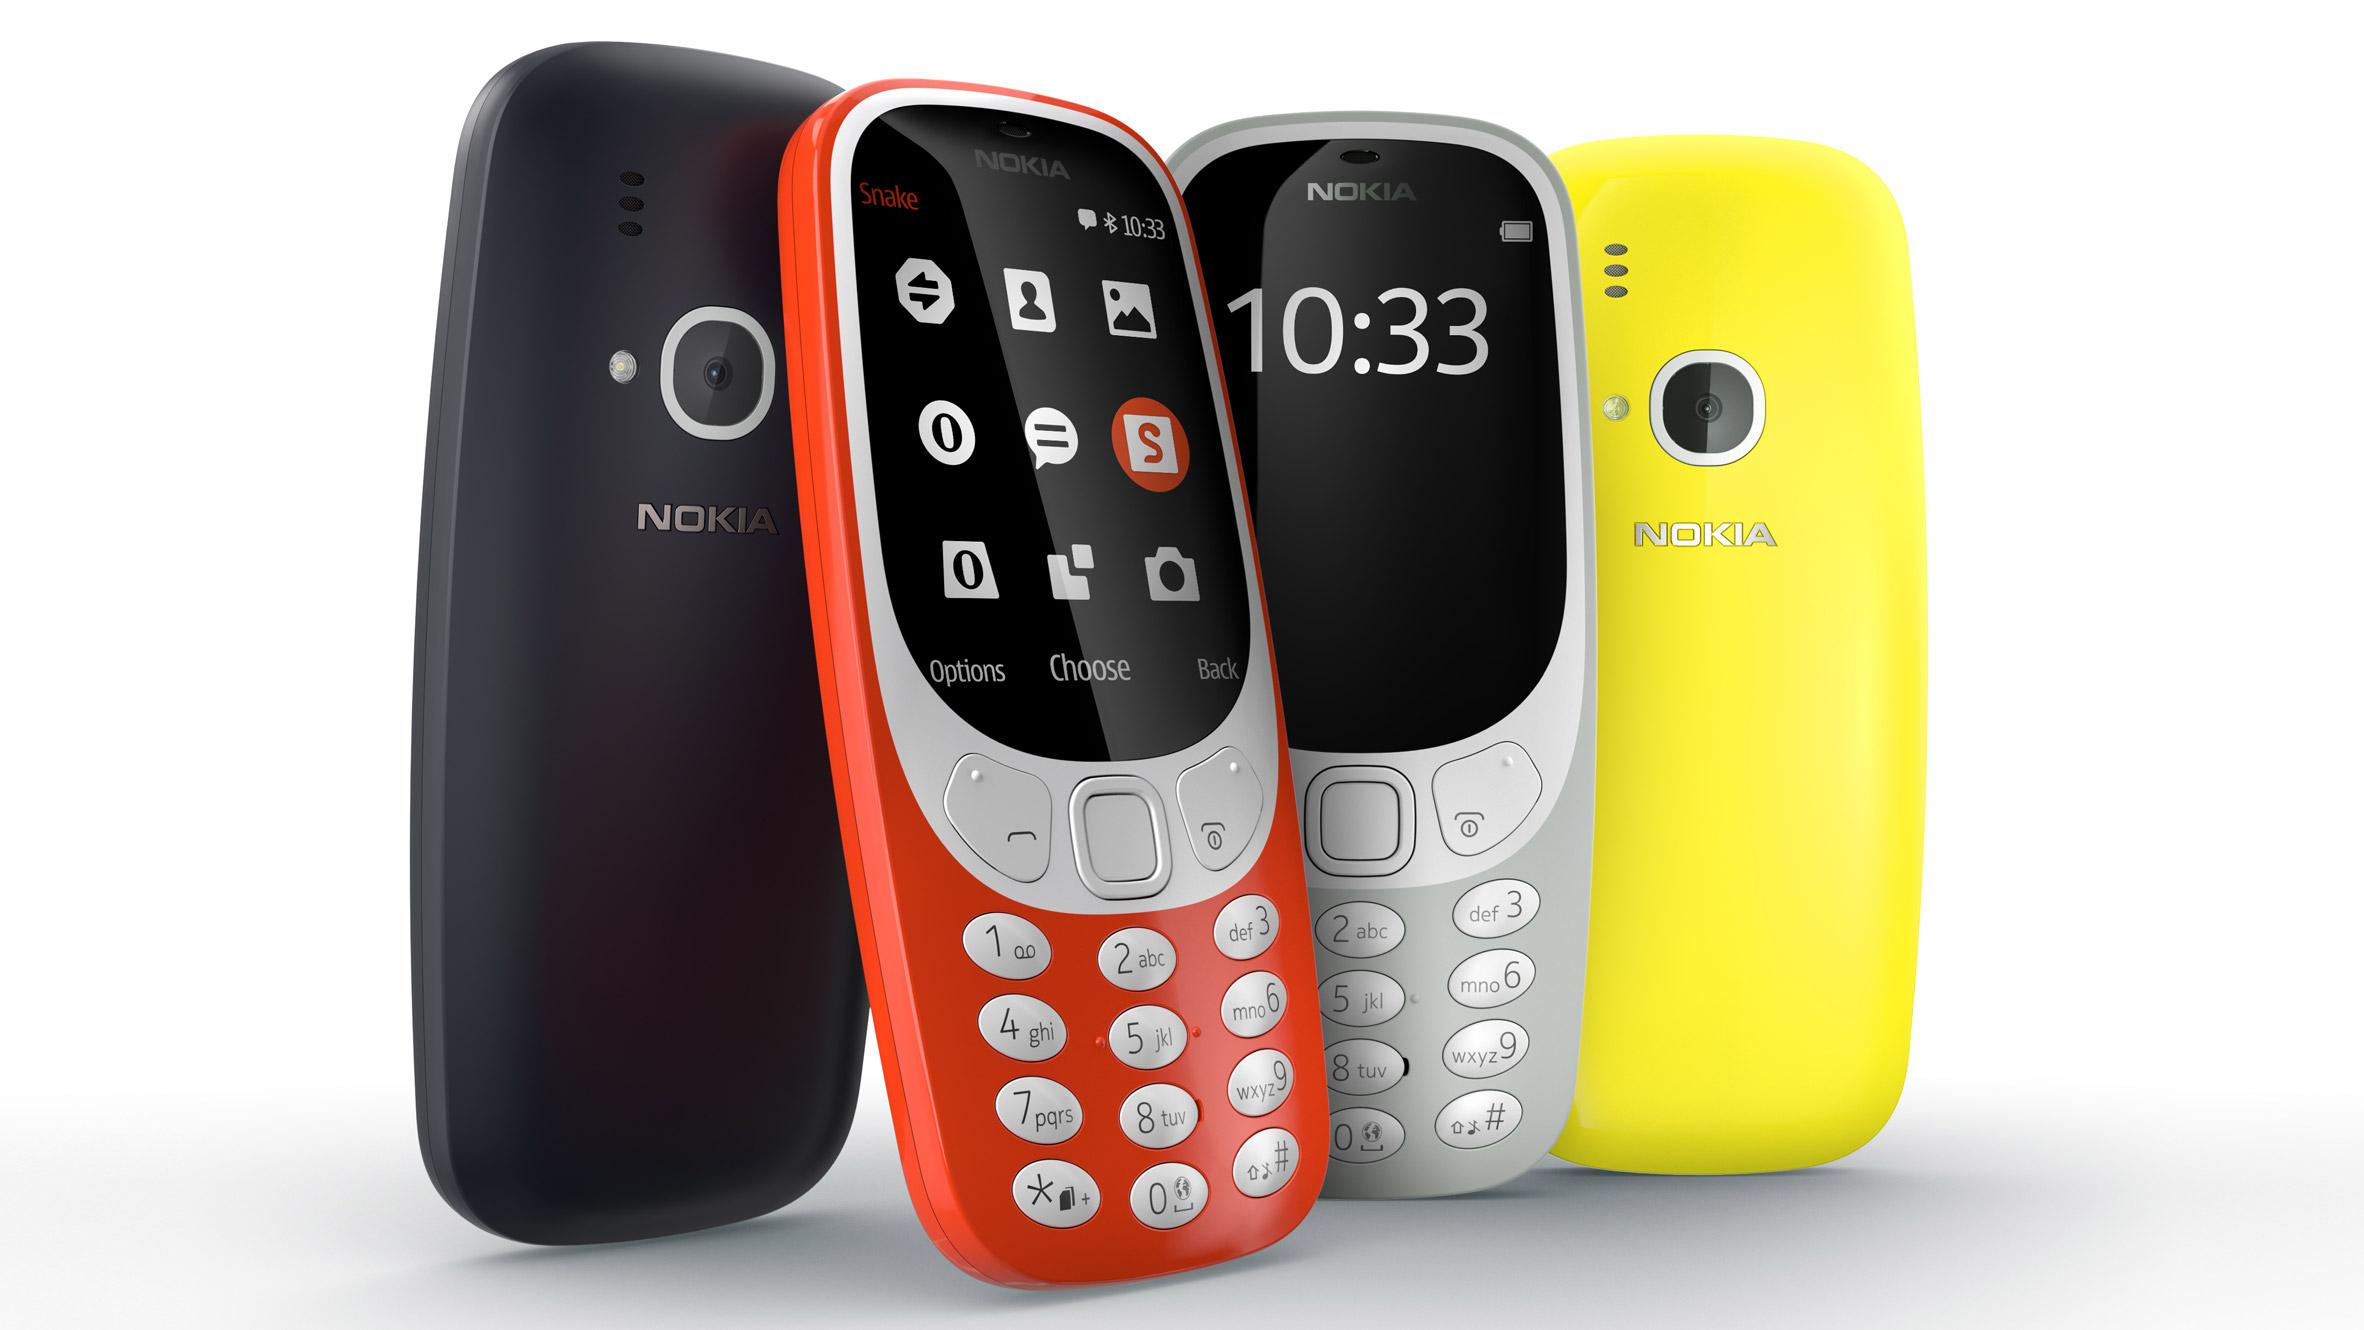 เปิดตัว Nokia 3310 รุ่นใหม่ สีสันสดใสพร้อมกล้องหลัง และแบตเตอรี่สุดอึดสแตนบายได้เป็นเดือนในราคา 1,800 บาท